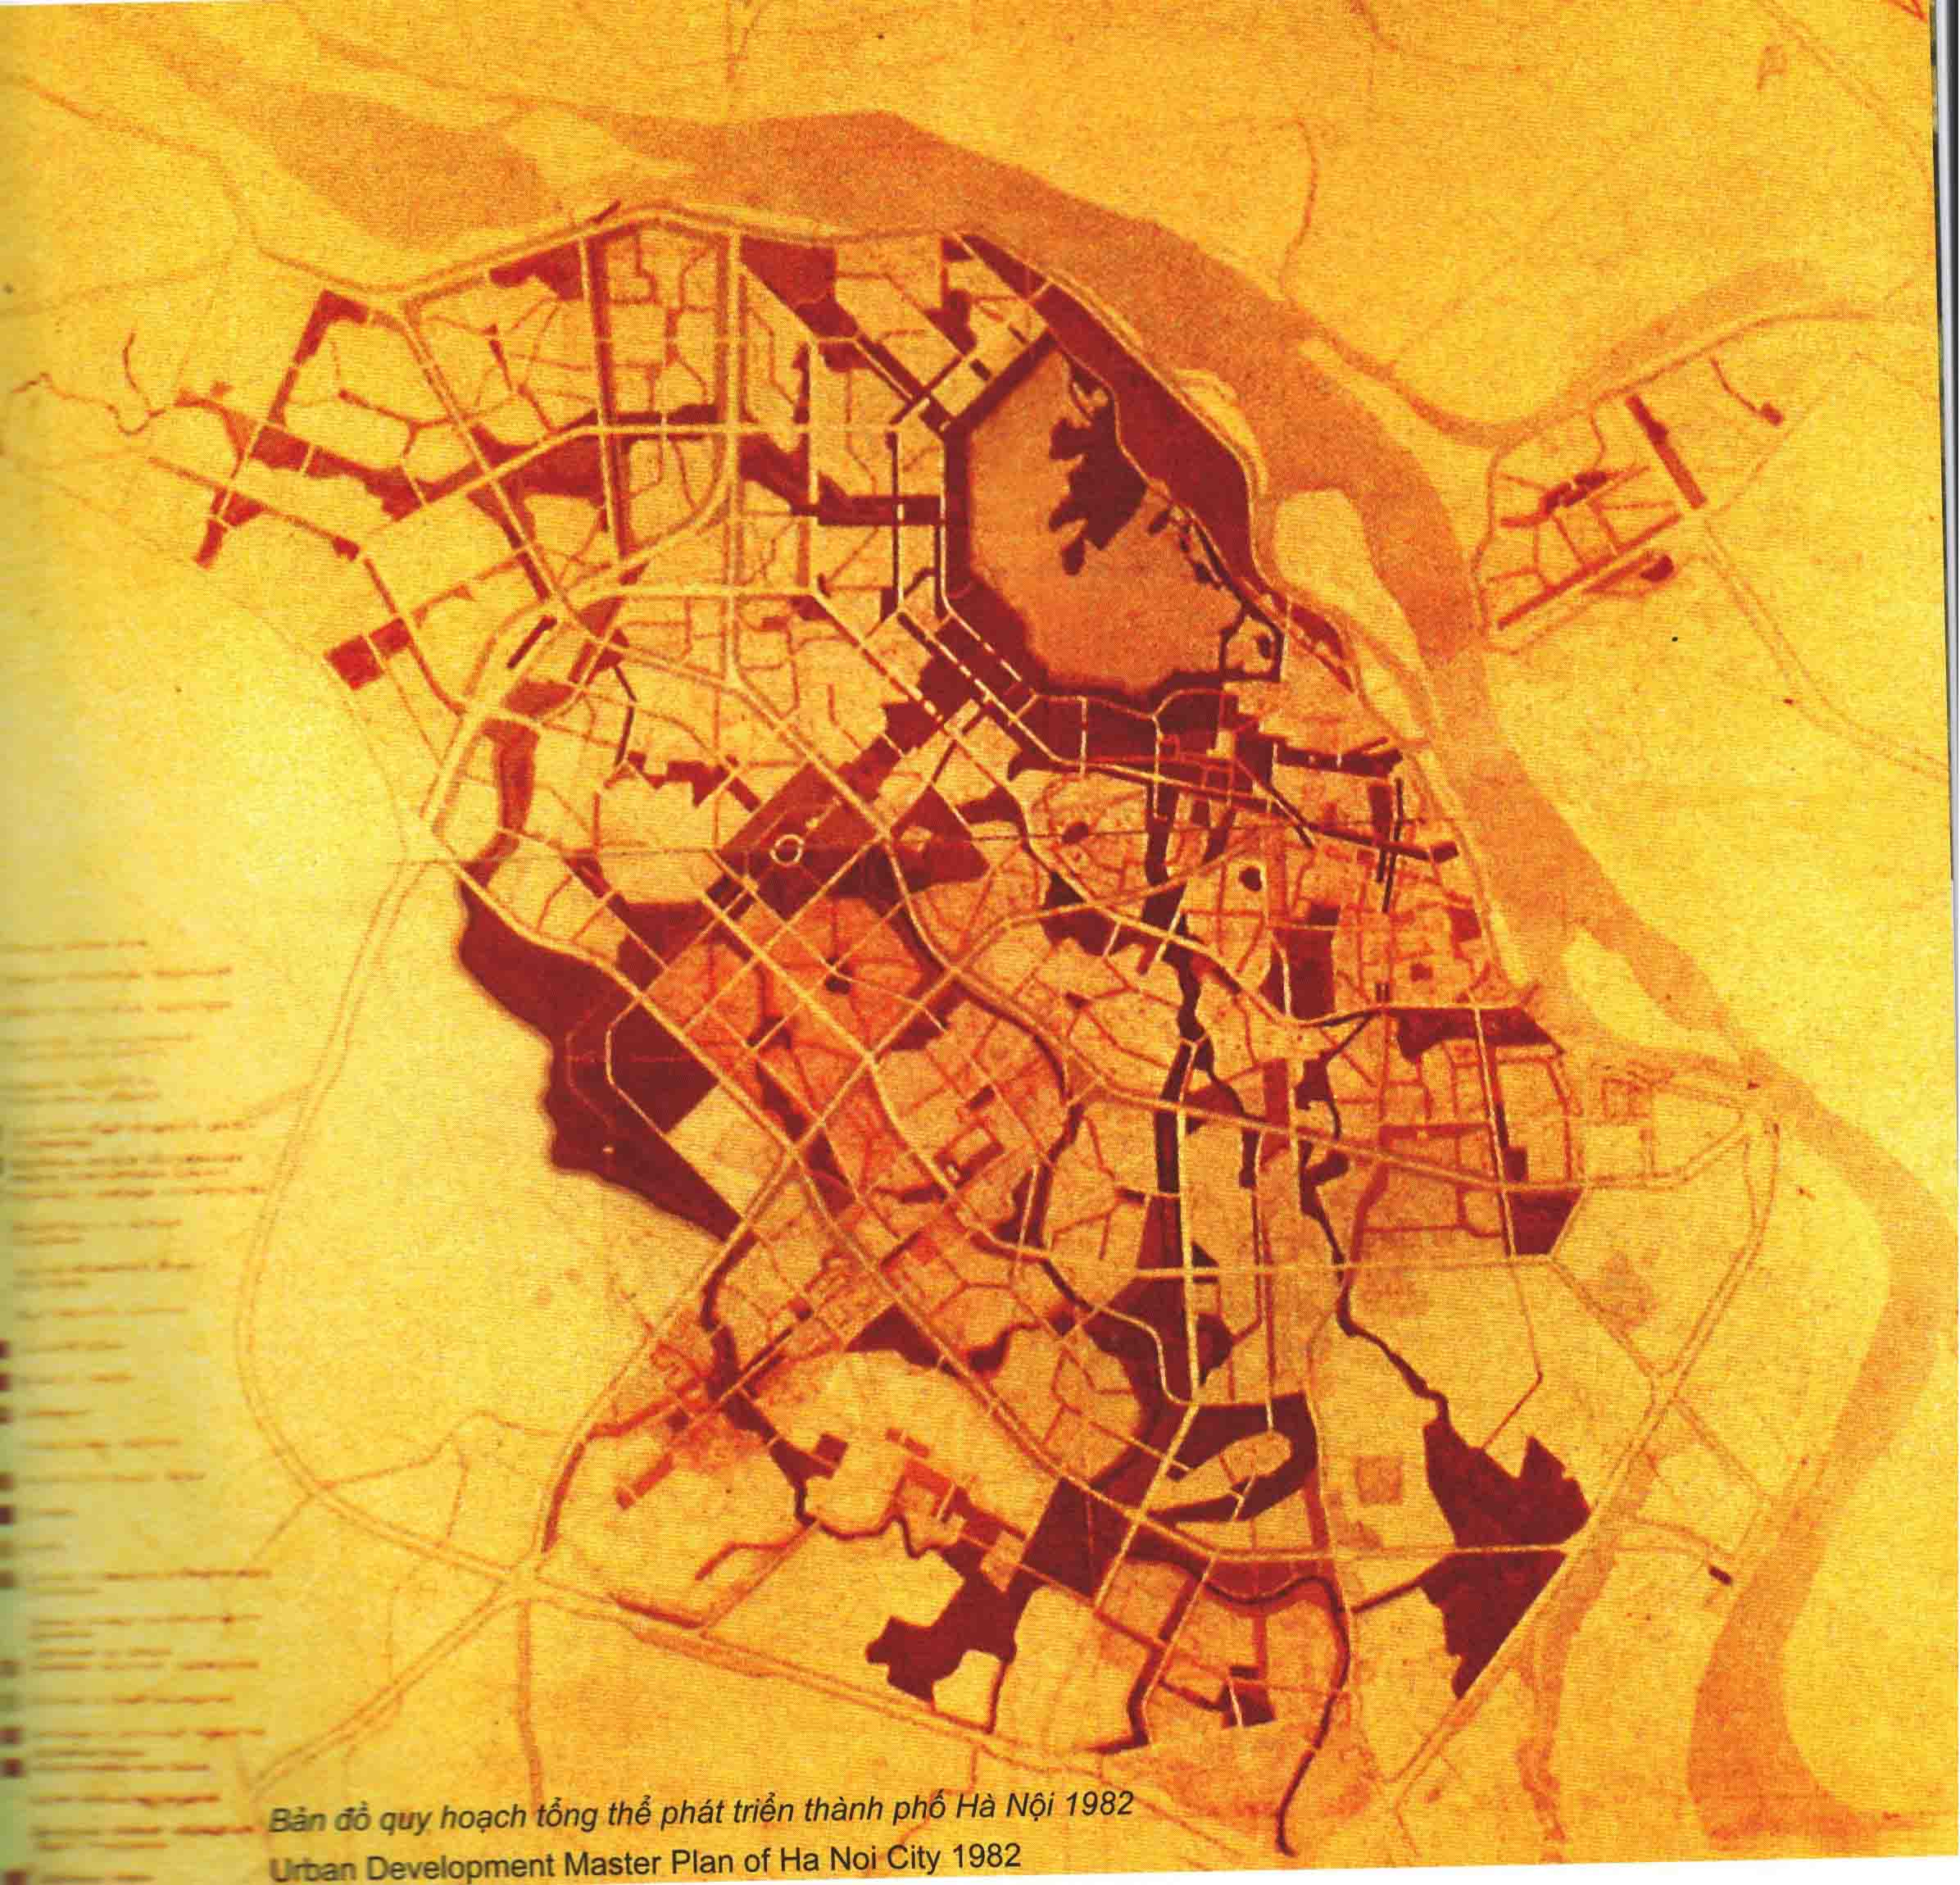 Hình 7. Đồ án quy hoạch thủ đô Hà Nội, 1982 (Liên Xô giúp)